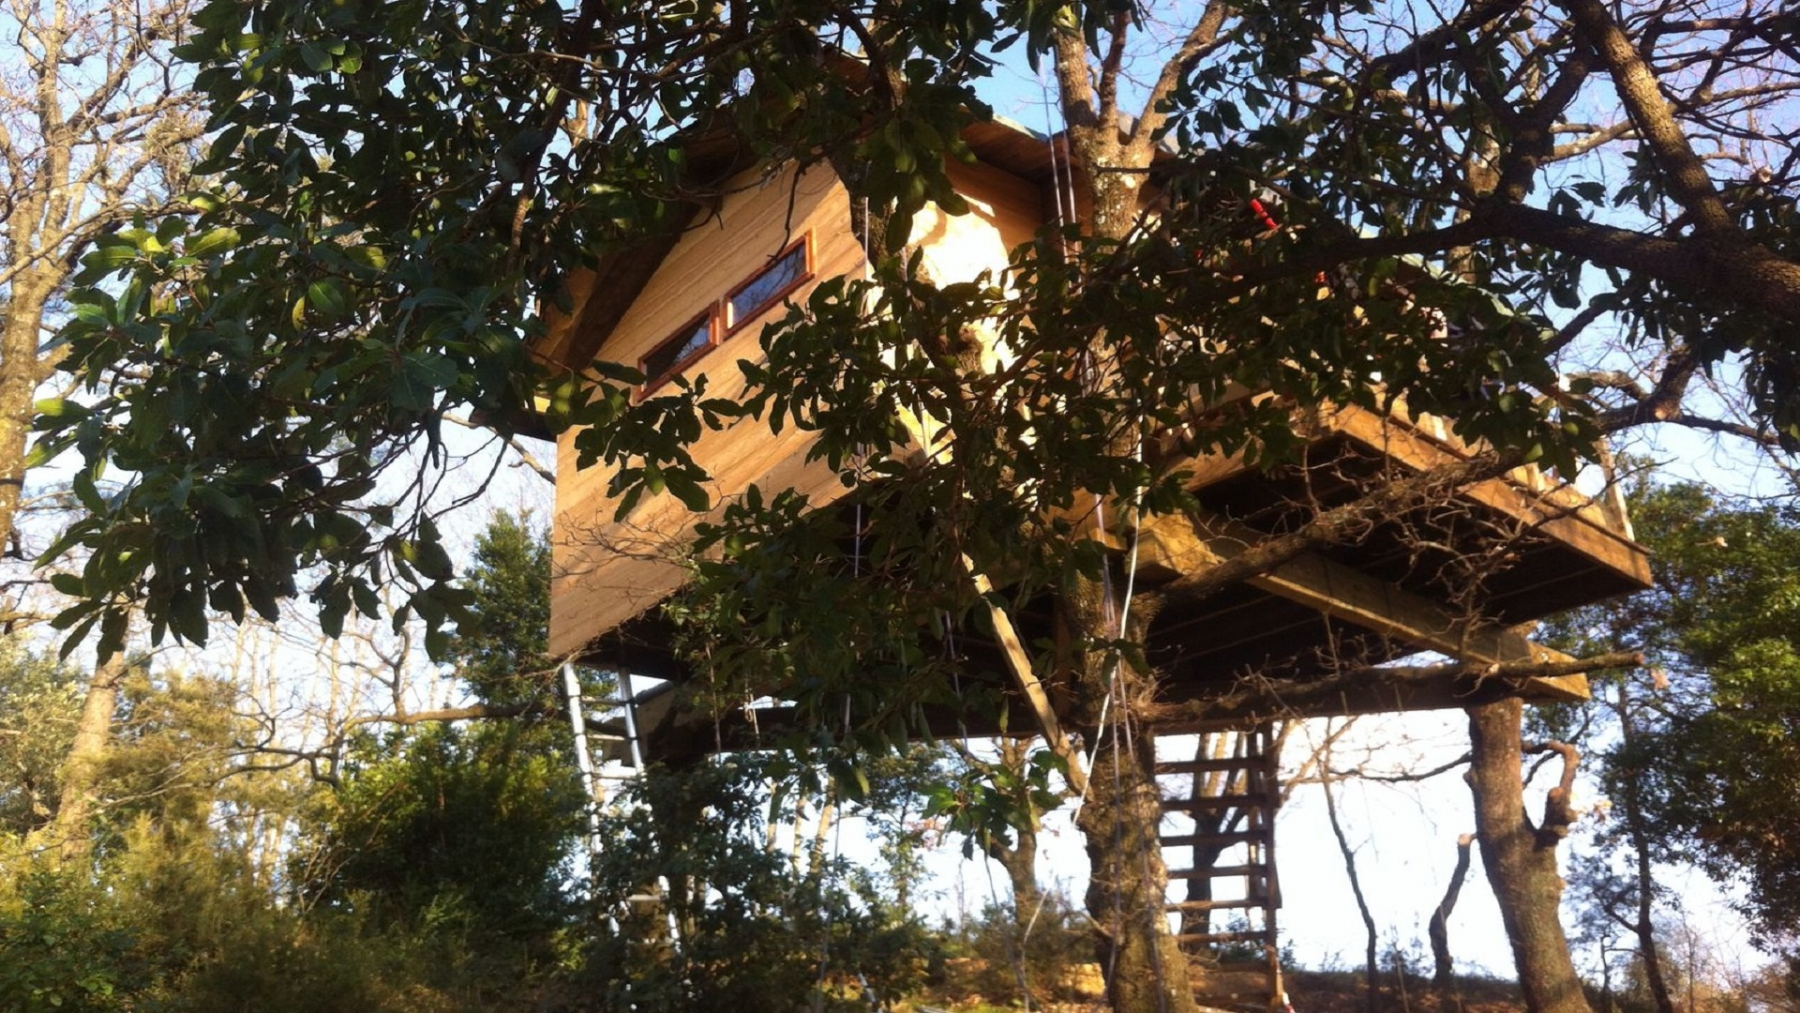 TreeTopBuilder.net costruisce suites case sugli alberi per il  trentino alto adige trento e bolzano